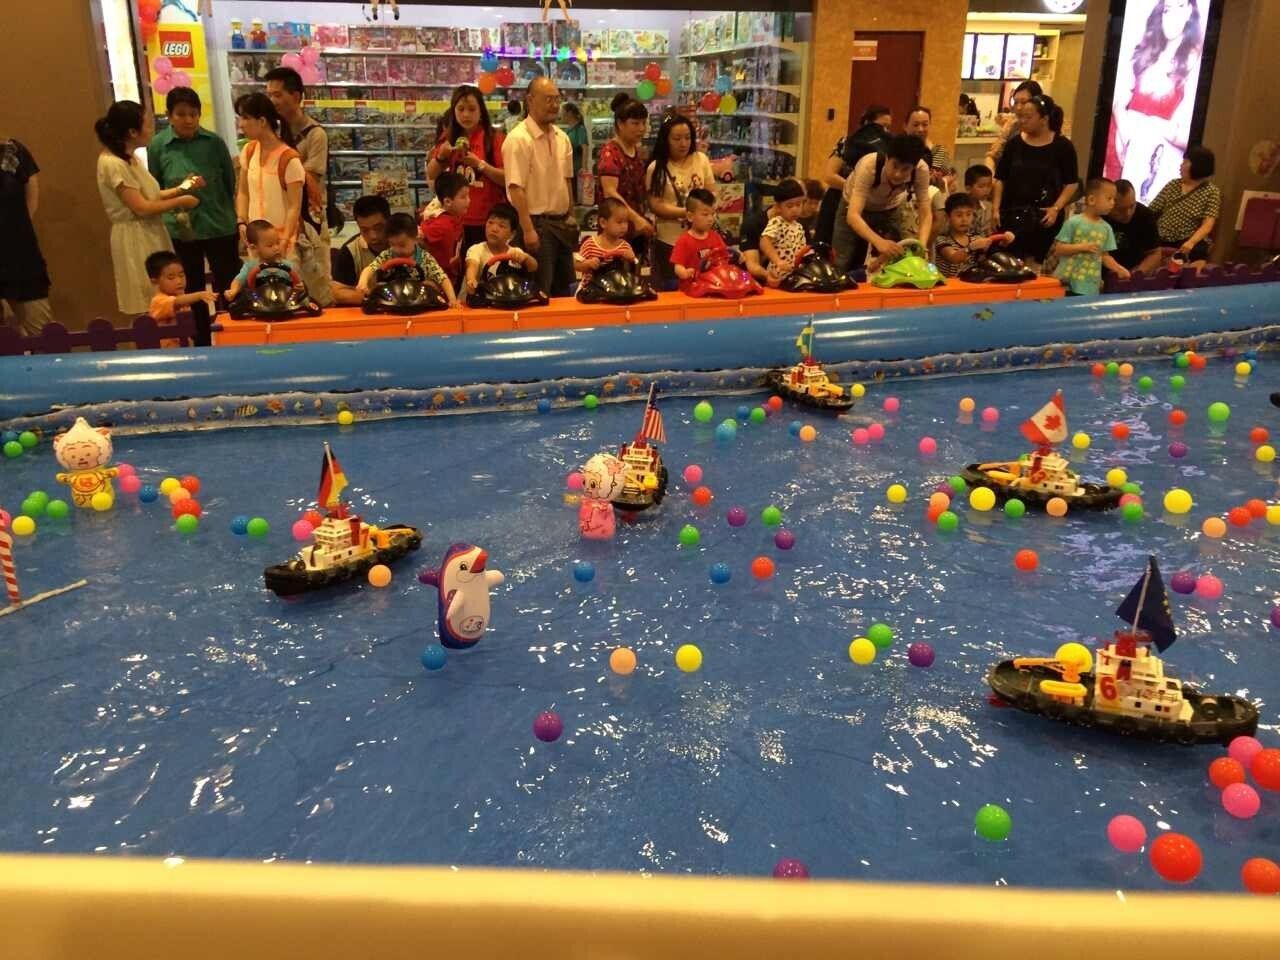 方向盘遥控船水上游乐设备,厂家直销,儿童方向盘遥控船游乐设施示例图11